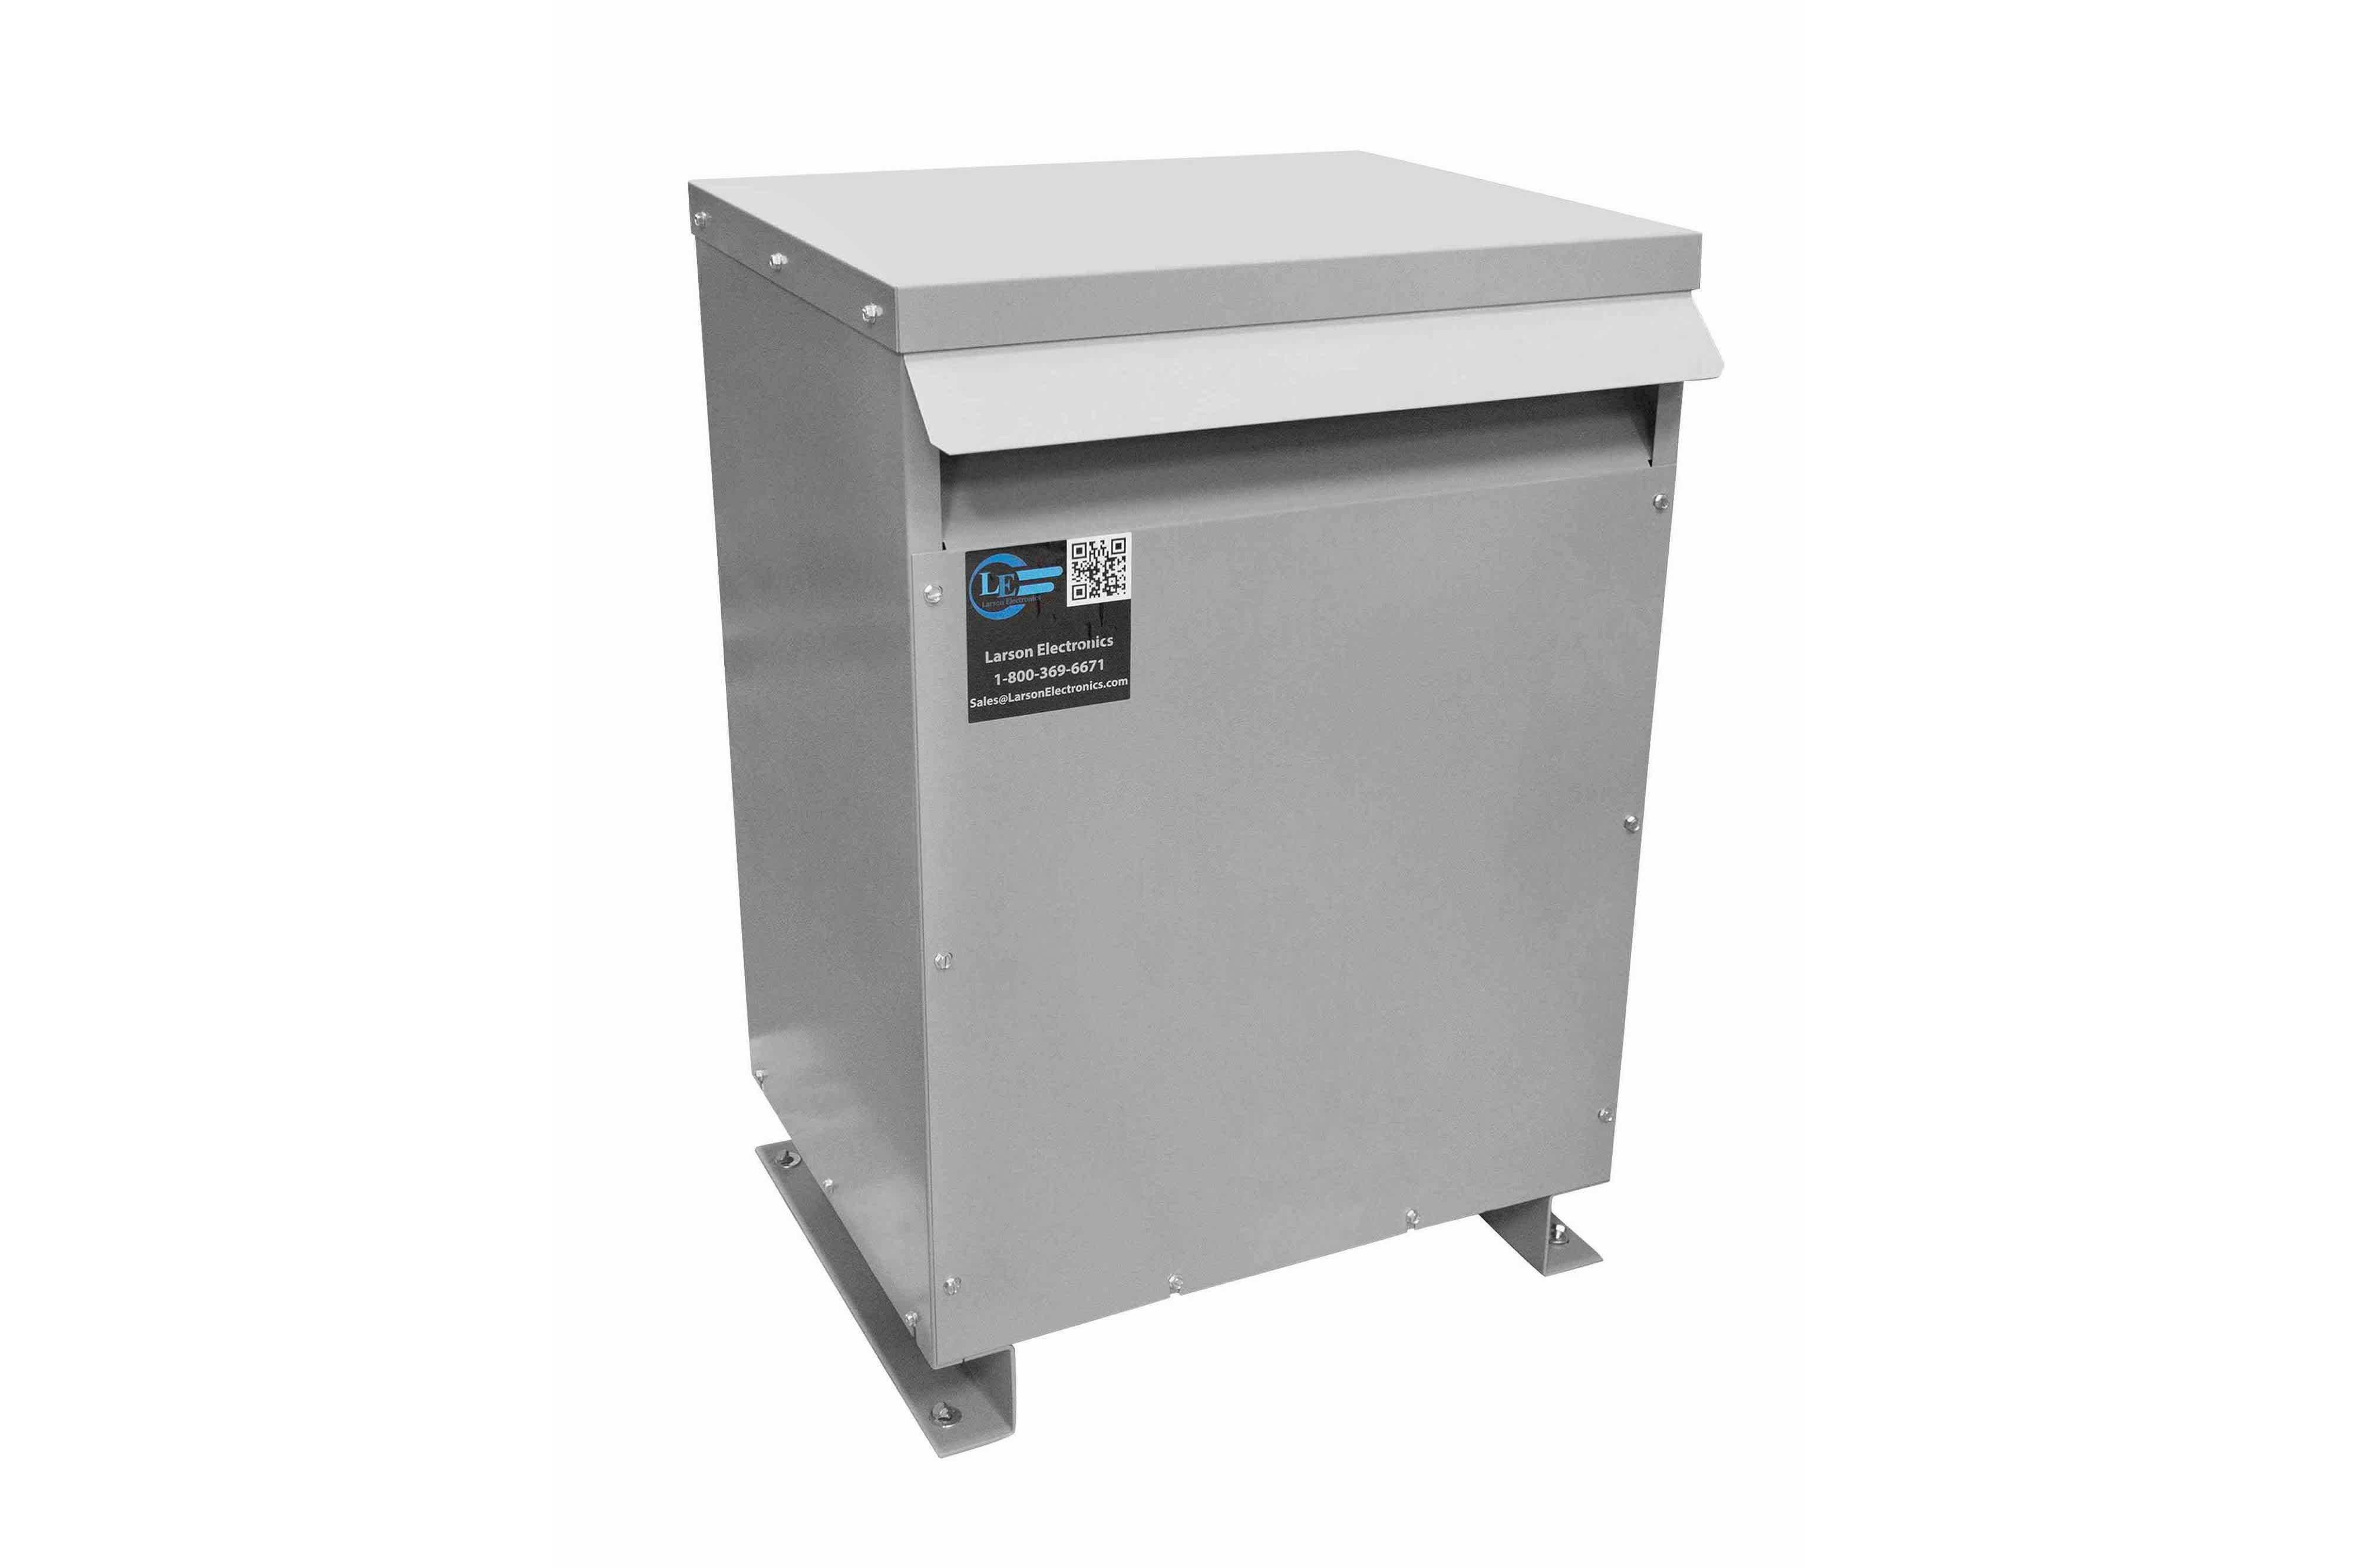 112.5 kVA 3PH Isolation Transformer, 480V Delta Primary, 380V Delta Secondary, N3R, Ventilated, 60 Hz